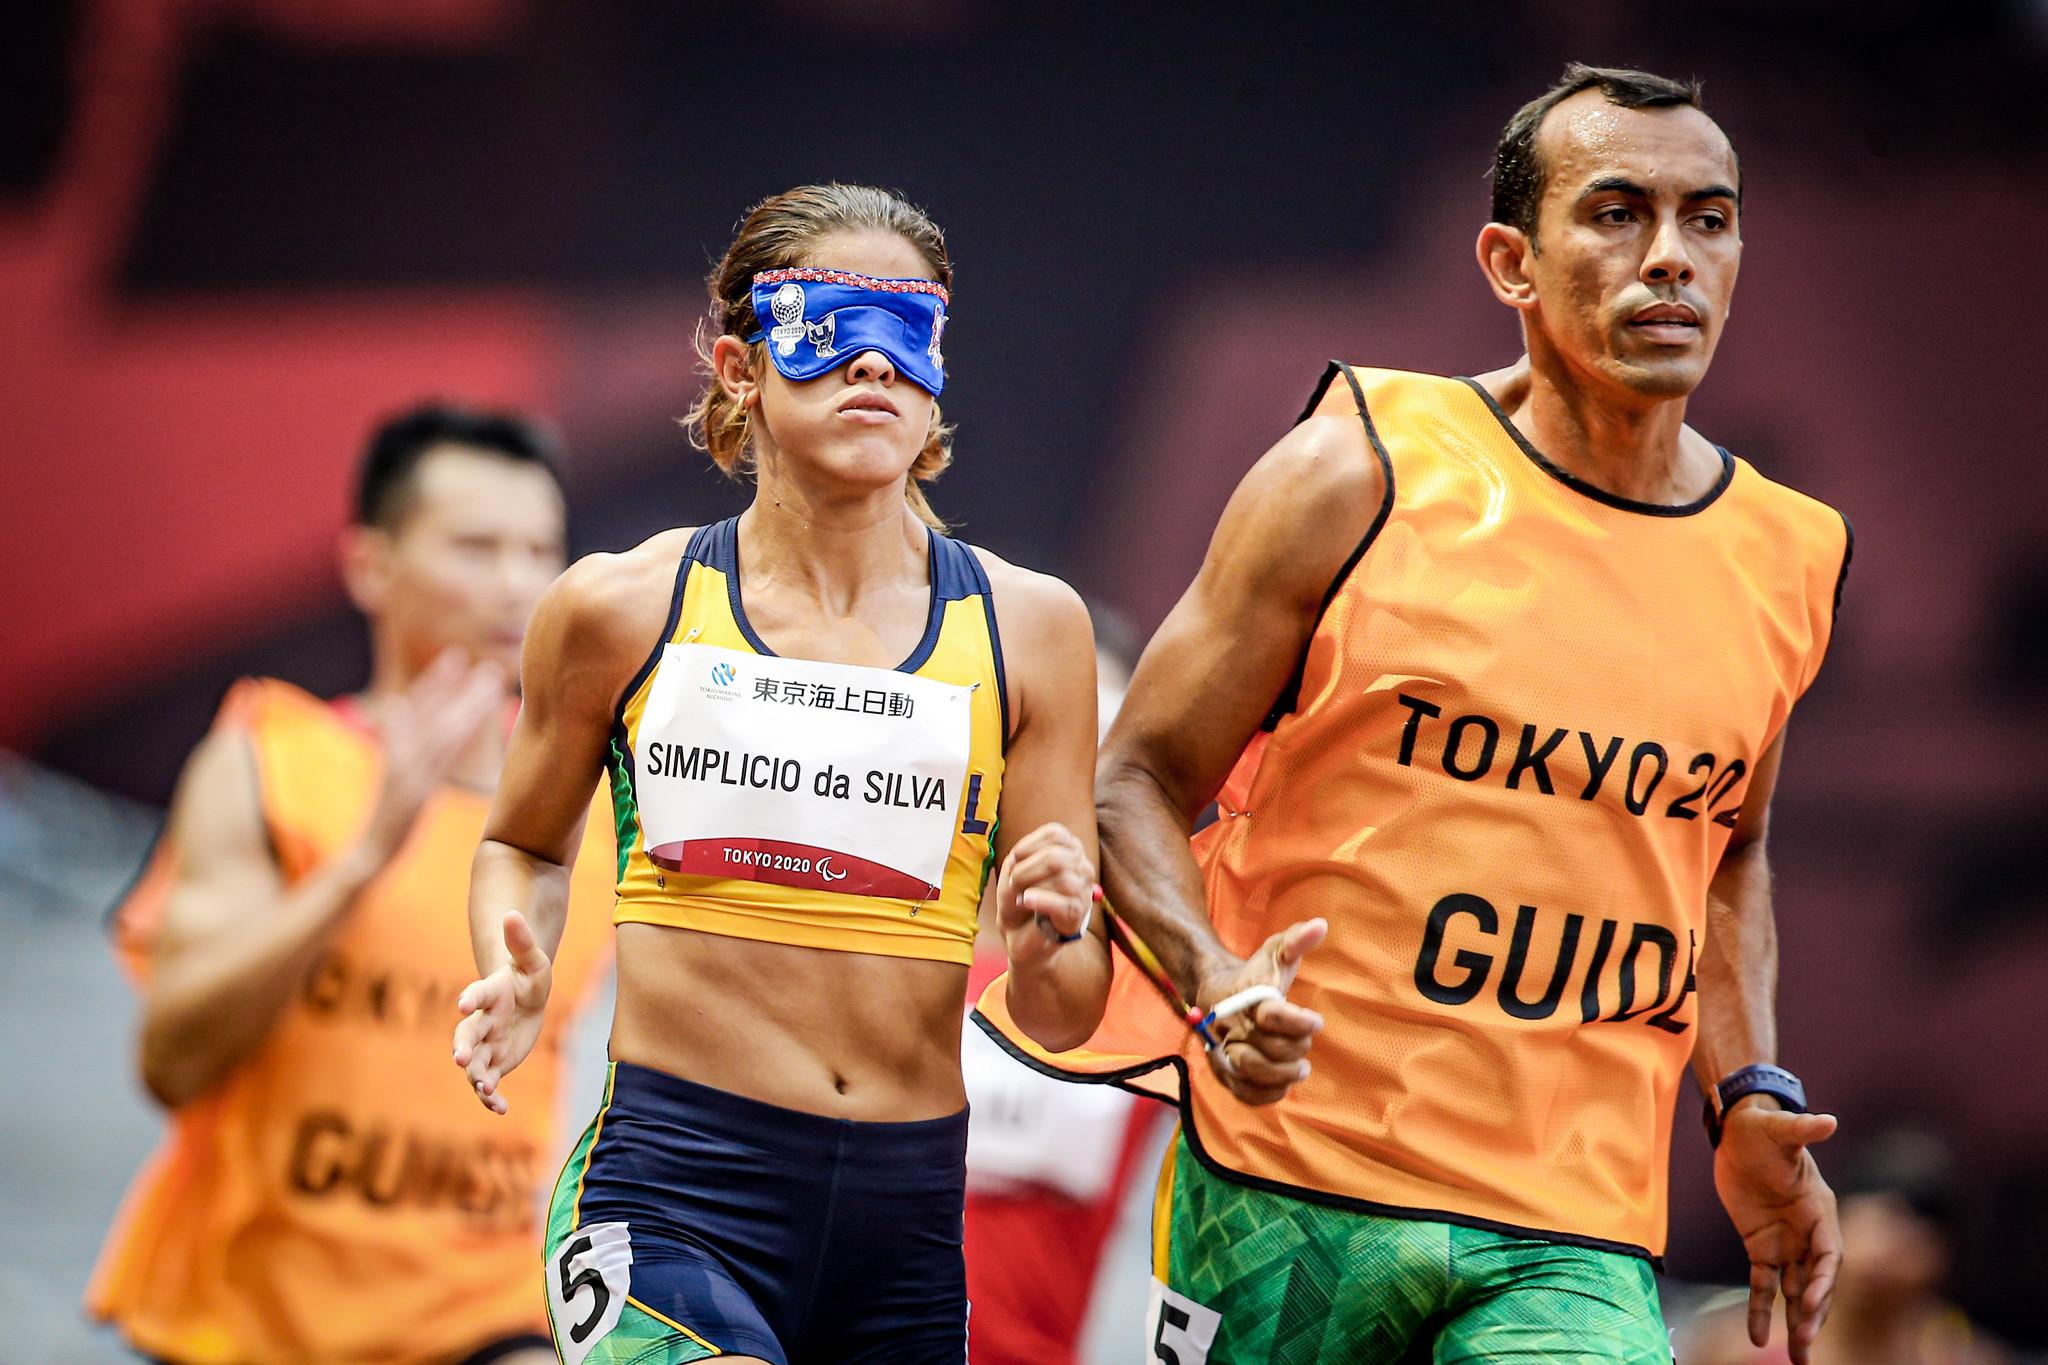 Thalita Simplicio e guia correm com uniforme da Tóquio 2020